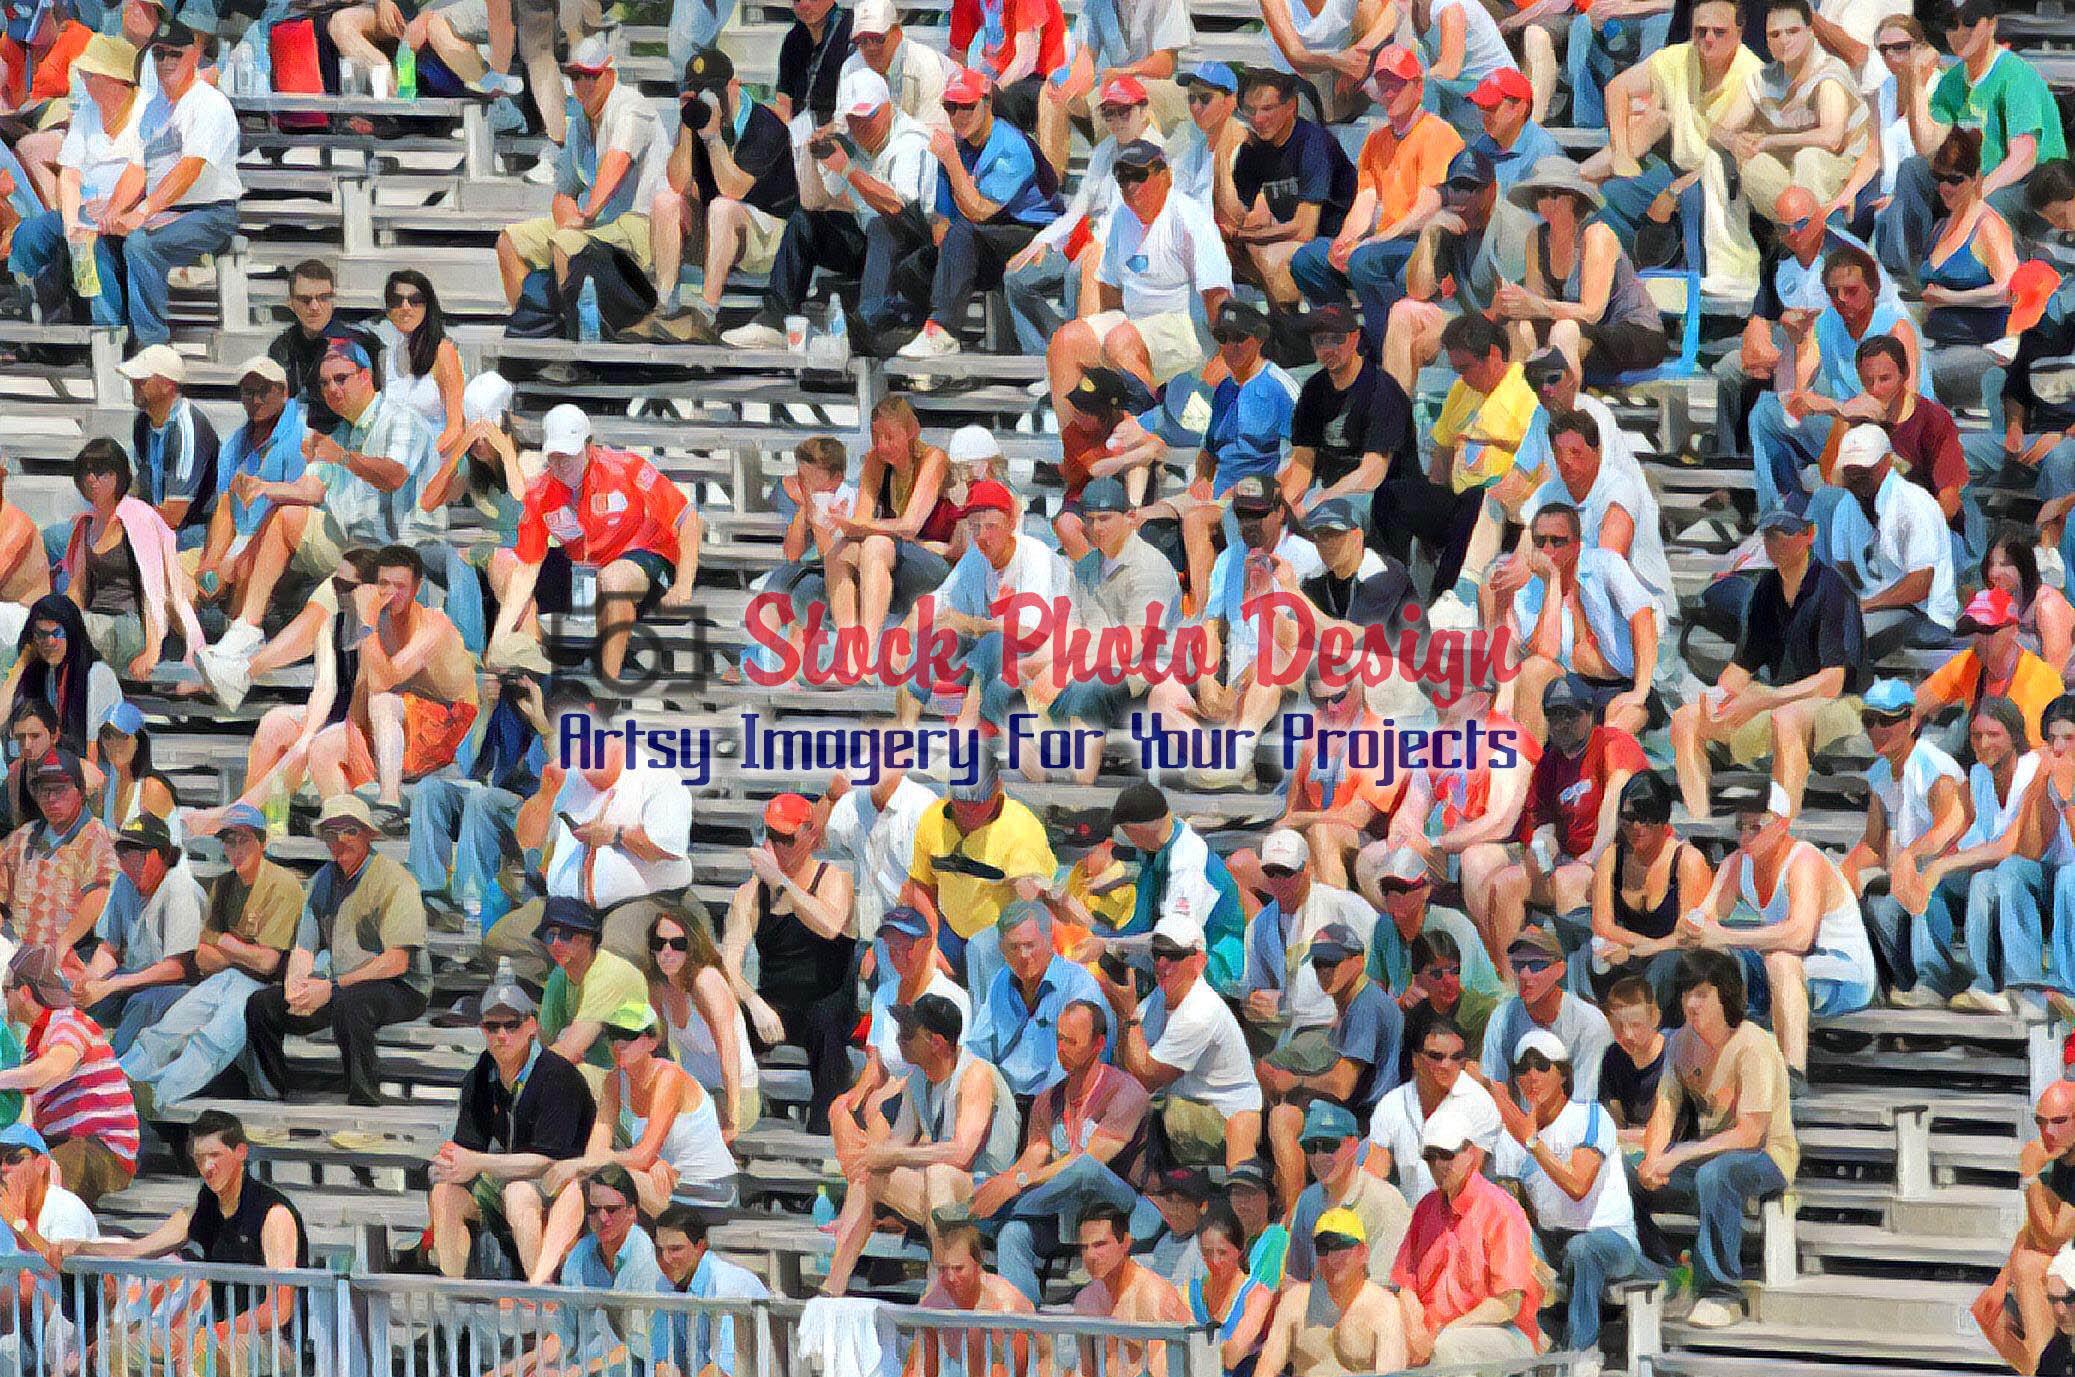 Spectators at a Public Event